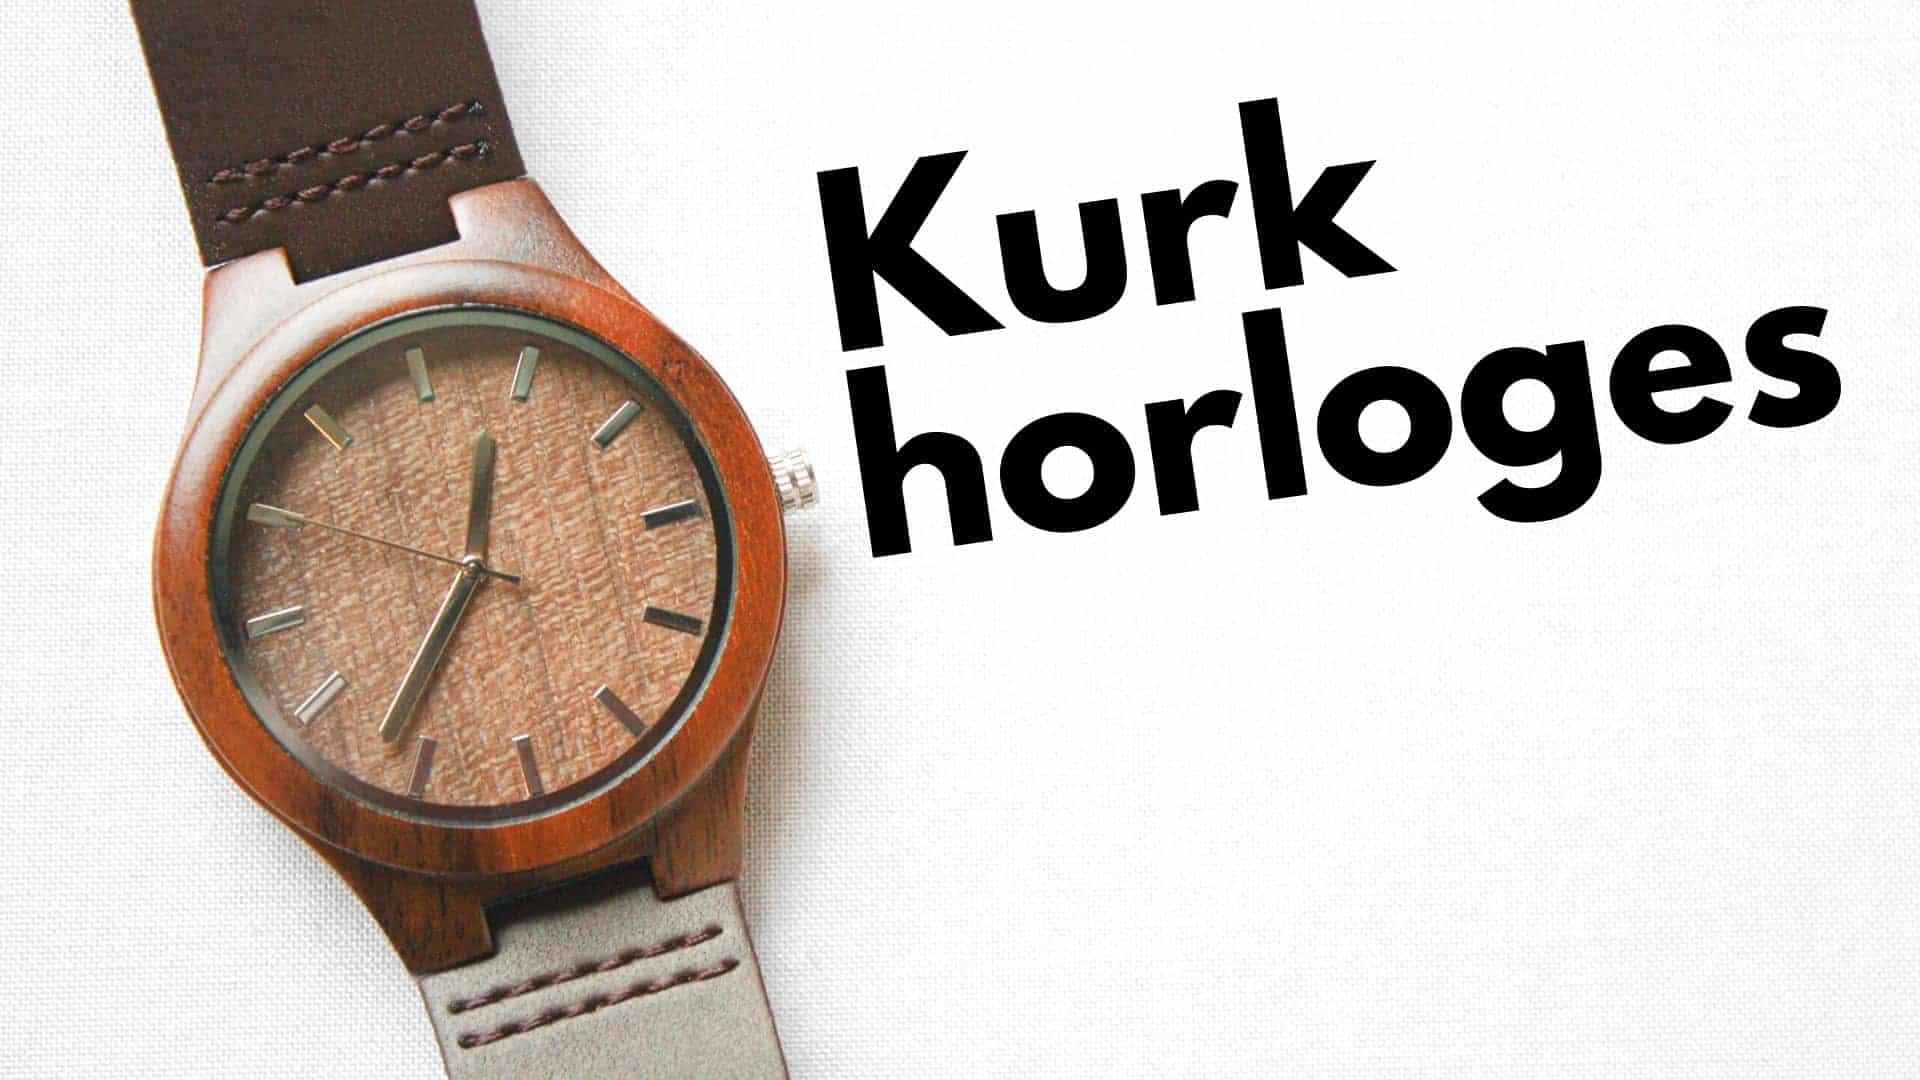 7 leukste kurk horloges beoordeeld: vegan & milieu-vriendelijk